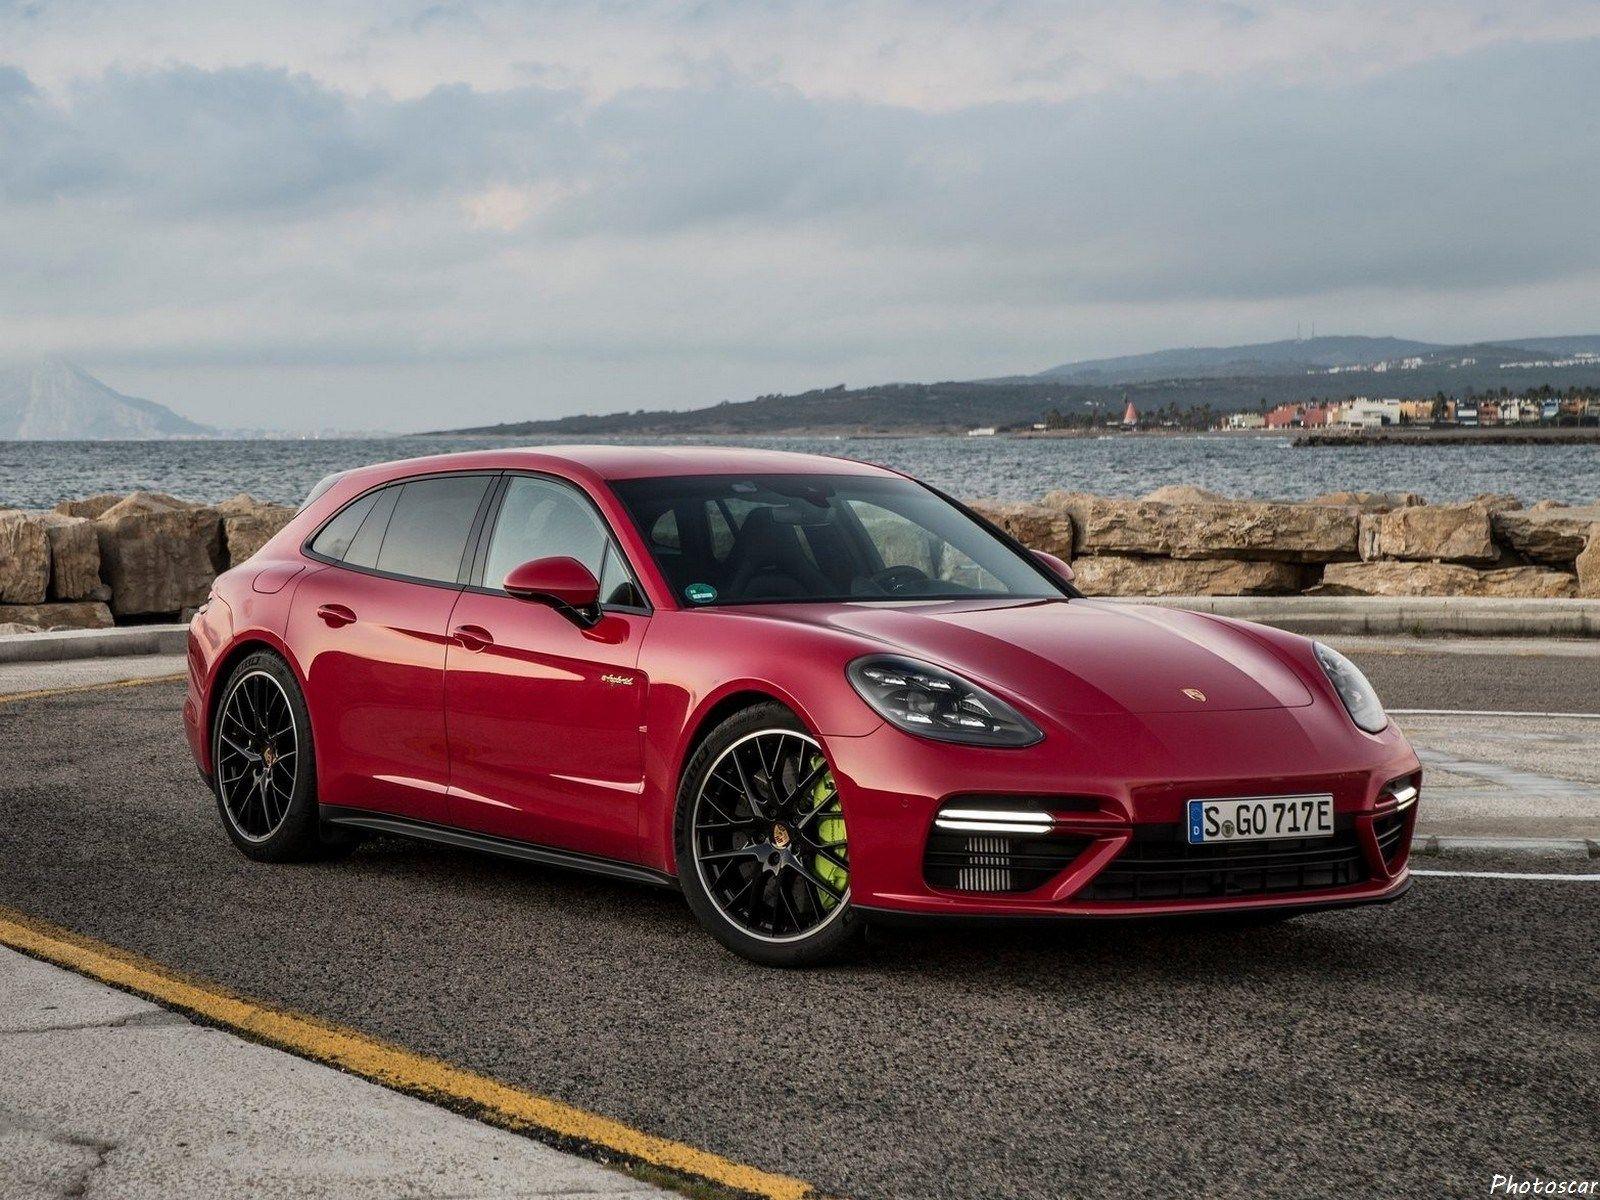 f9639f58e0 2018 Porsche Panamera SE Hybrid. 2018 Porsche Panamera SE Hybrid Porsche  Panamera Turbo S